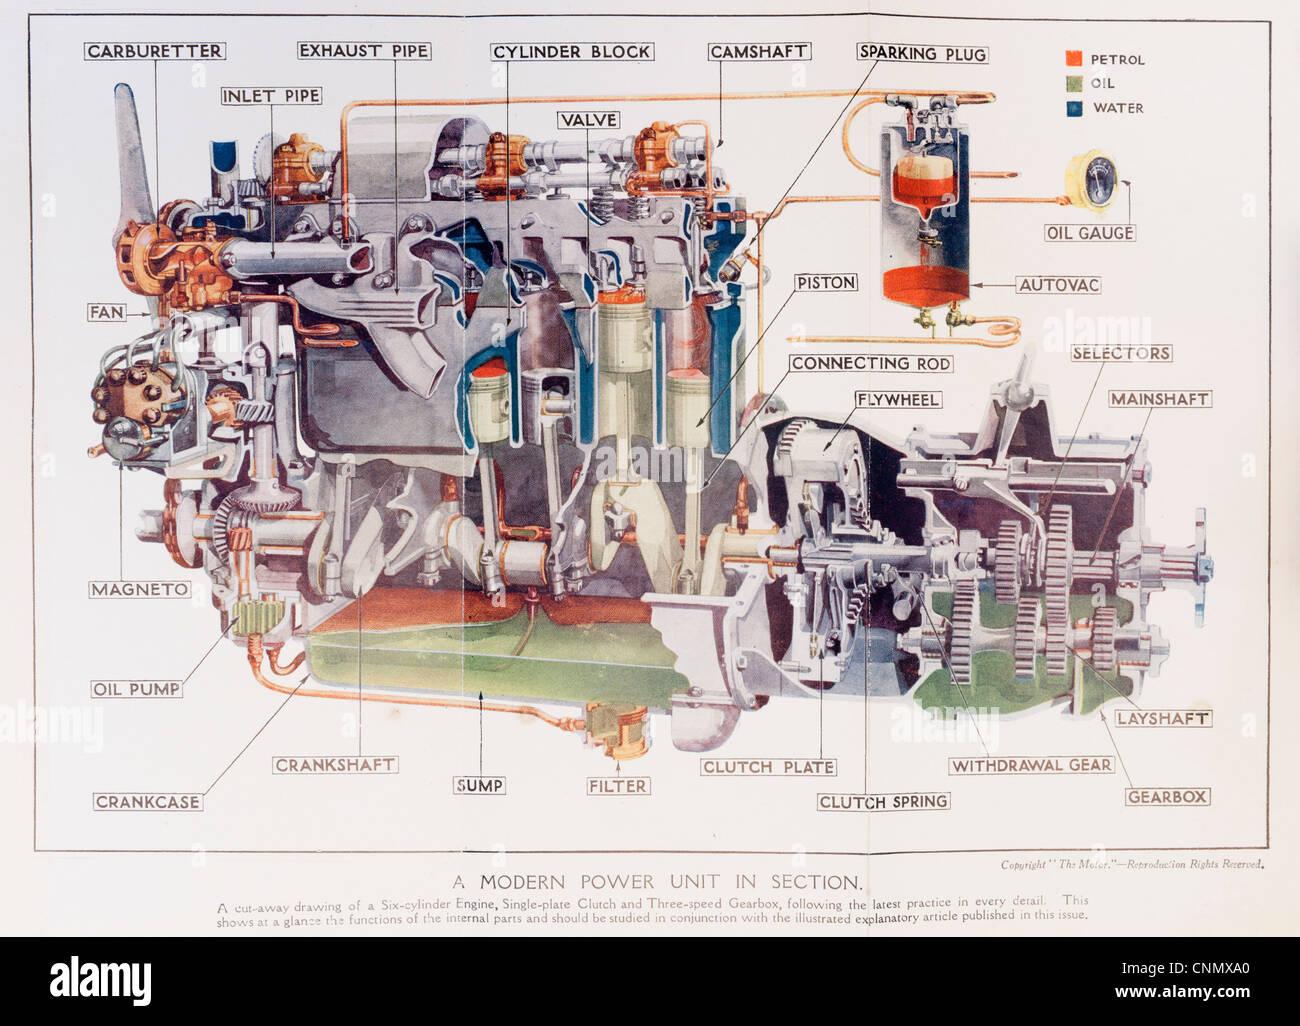 1920er Jahre Motorhandbuch - Farbe Diagramm der Funktionsweise von ...